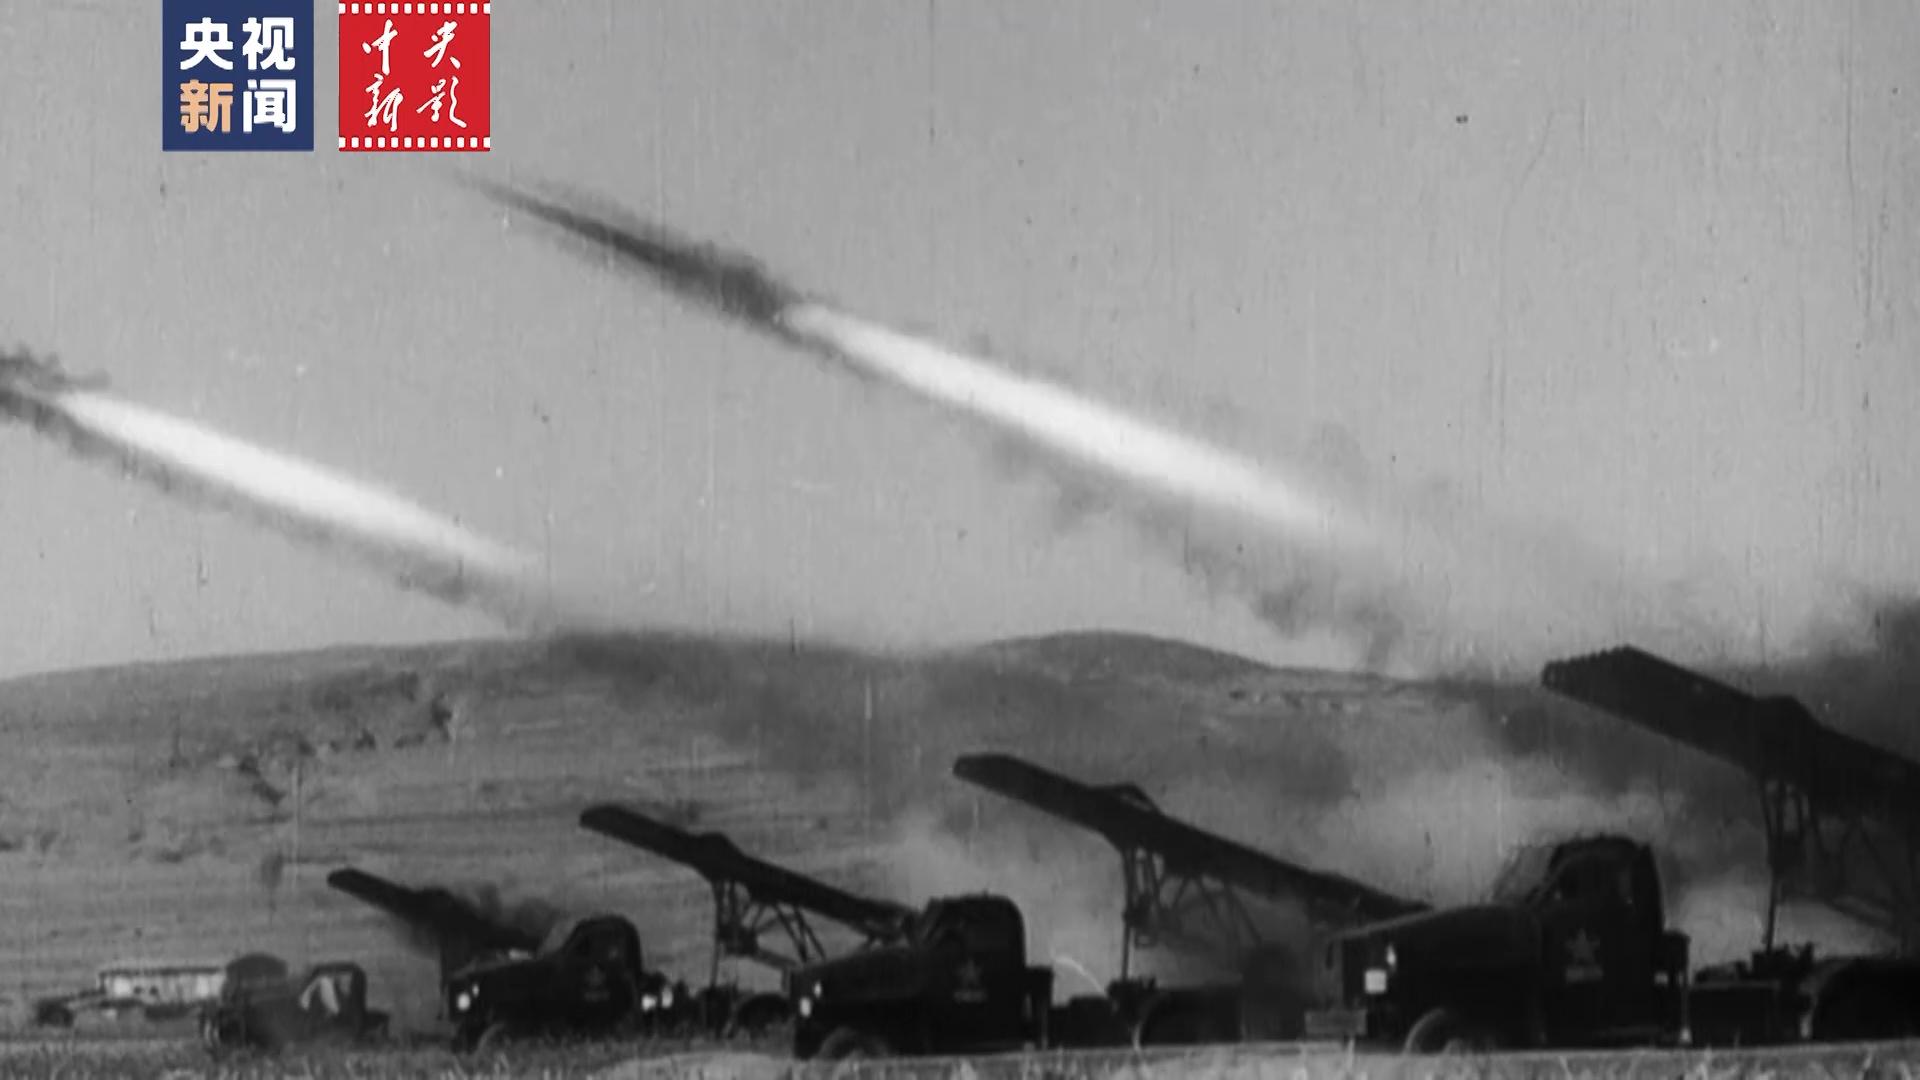 新影像丨43天打出国威军威 美军寸土未得——《鏖战上甘岭》